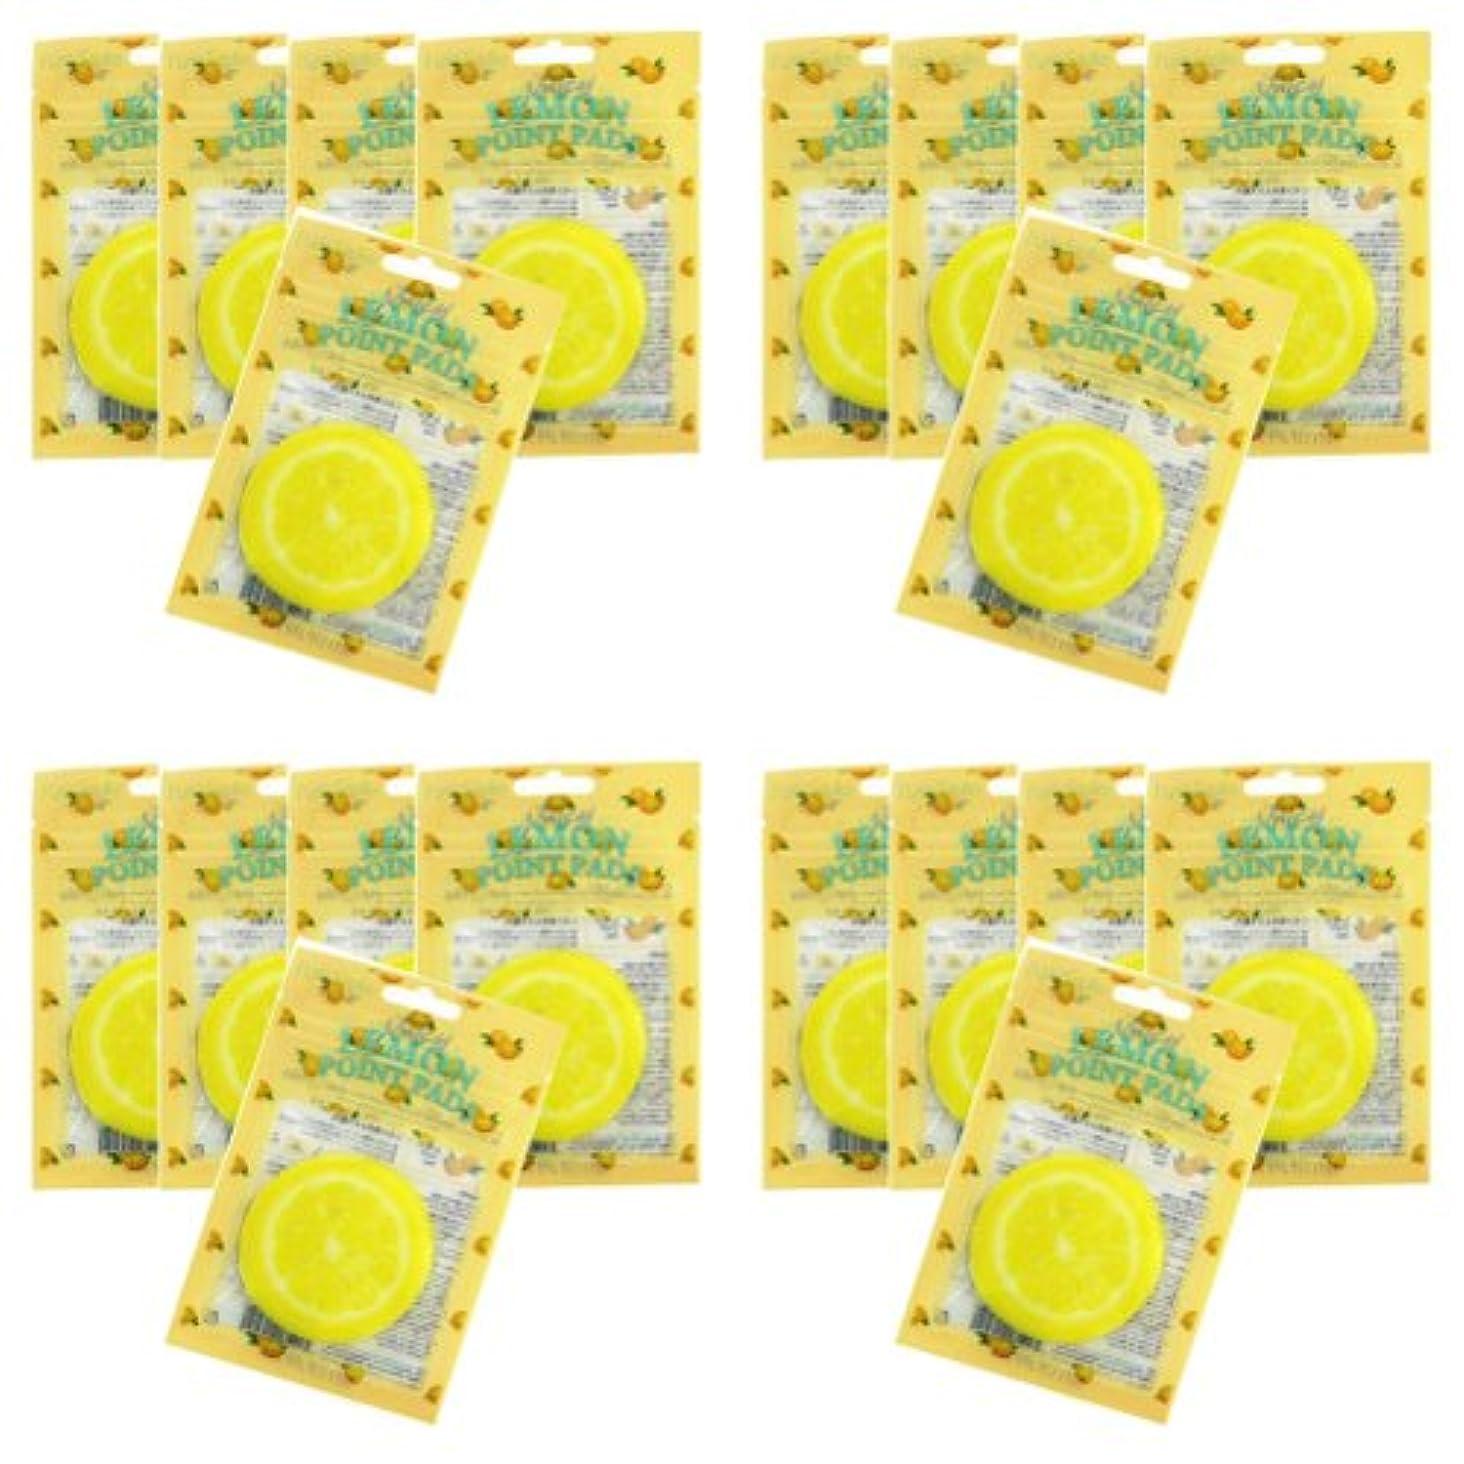 混雑家主申請者ピュアスマイル ジューシーポイントパッド レモン20パックセット(1パック10枚入 合計200枚)